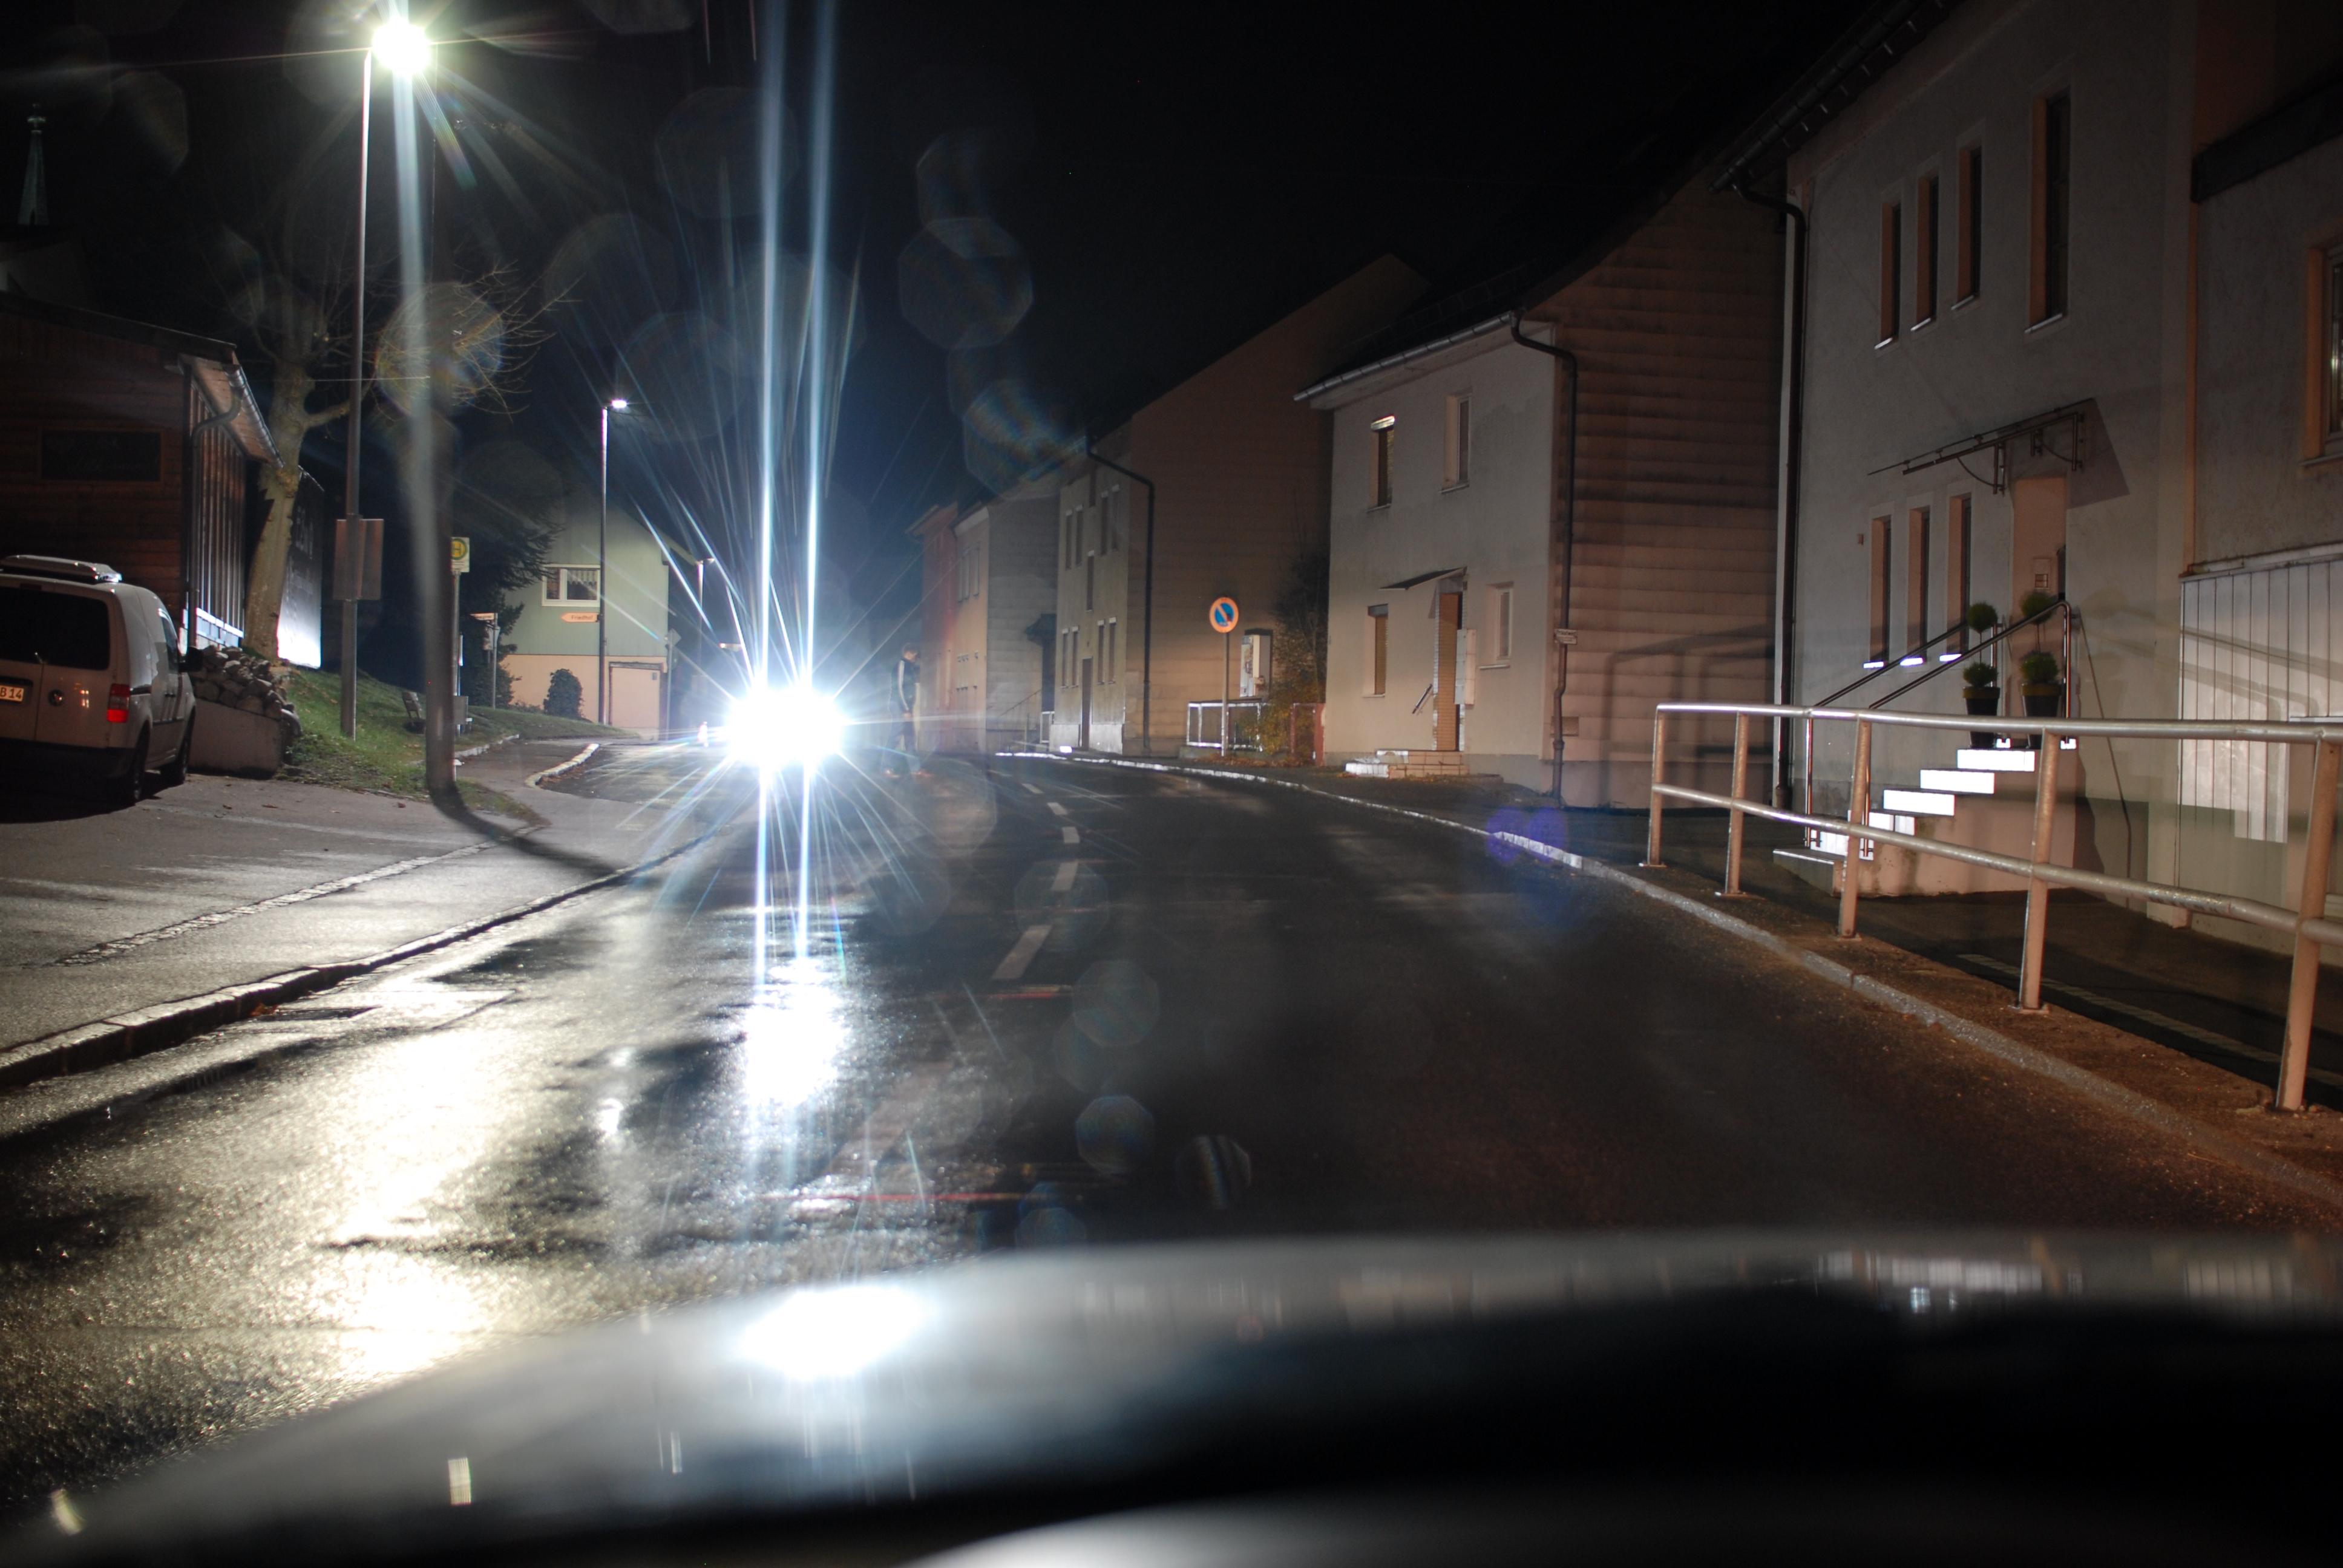 Sicht auf einen dunkel gekleideten Fußgänger mit Blendung durch den Gegenverkehr beim Überfahren einer Kuppe